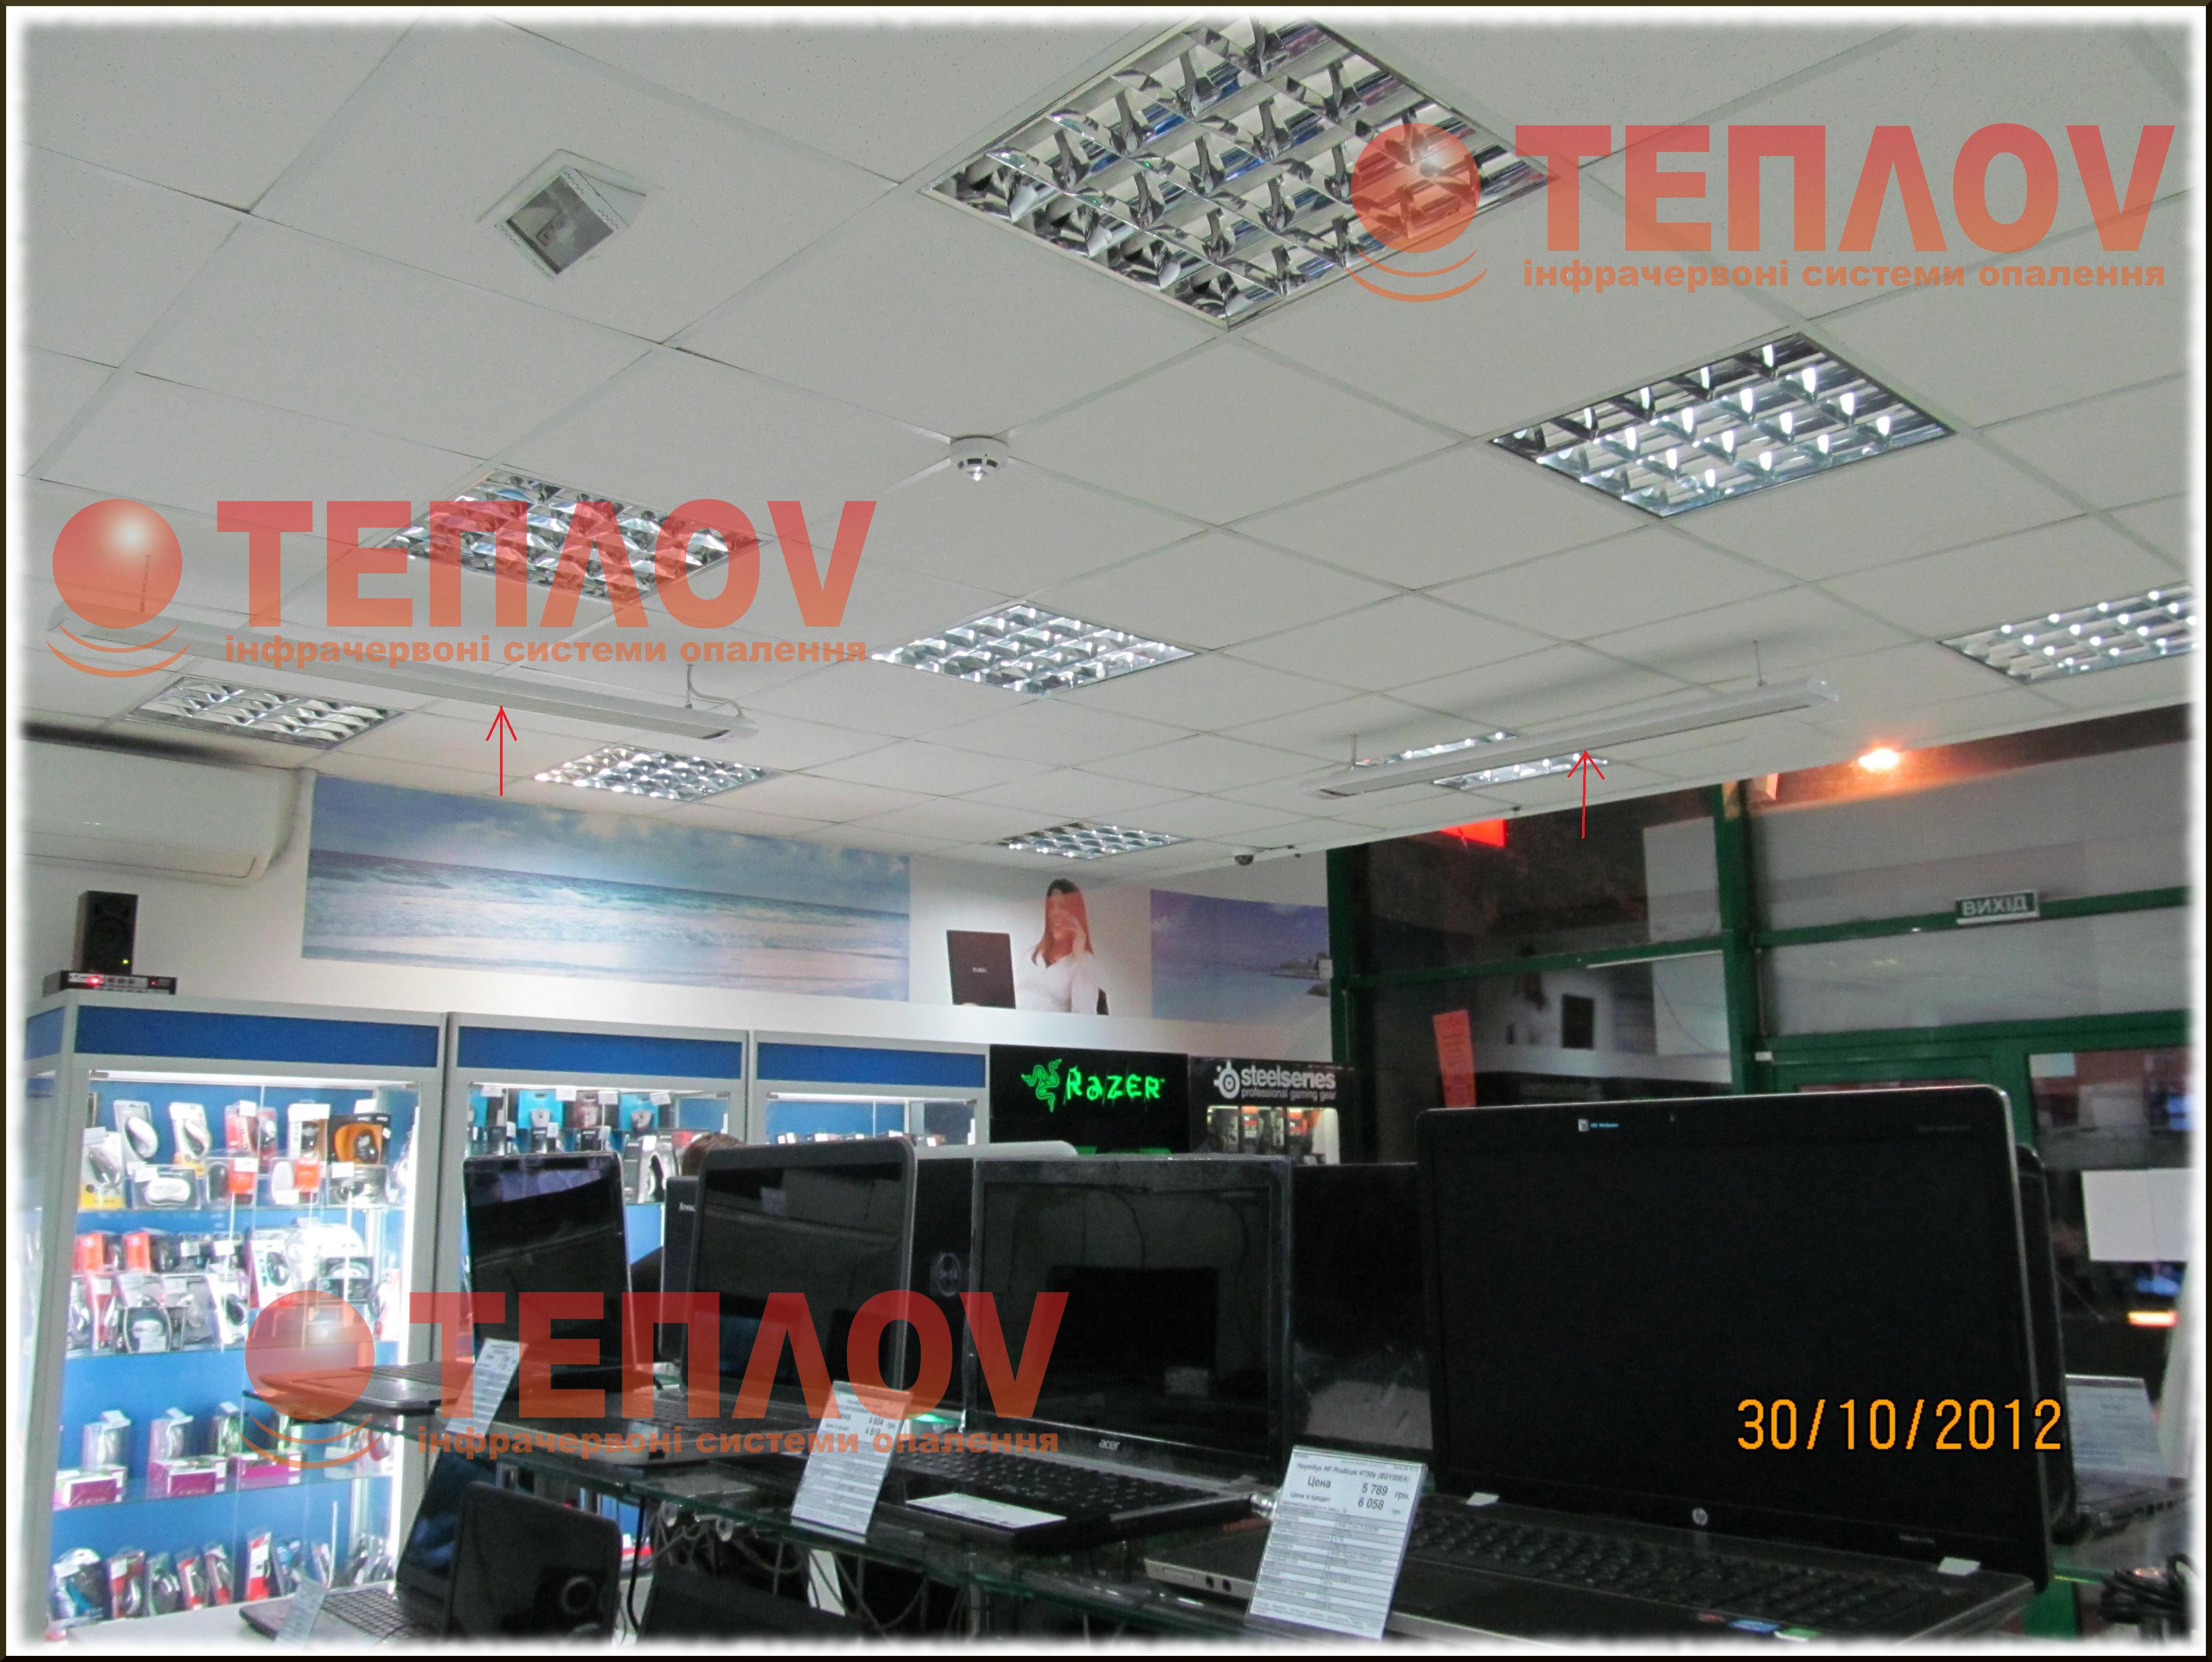 обогрев магазина инфракрасными обогревателями